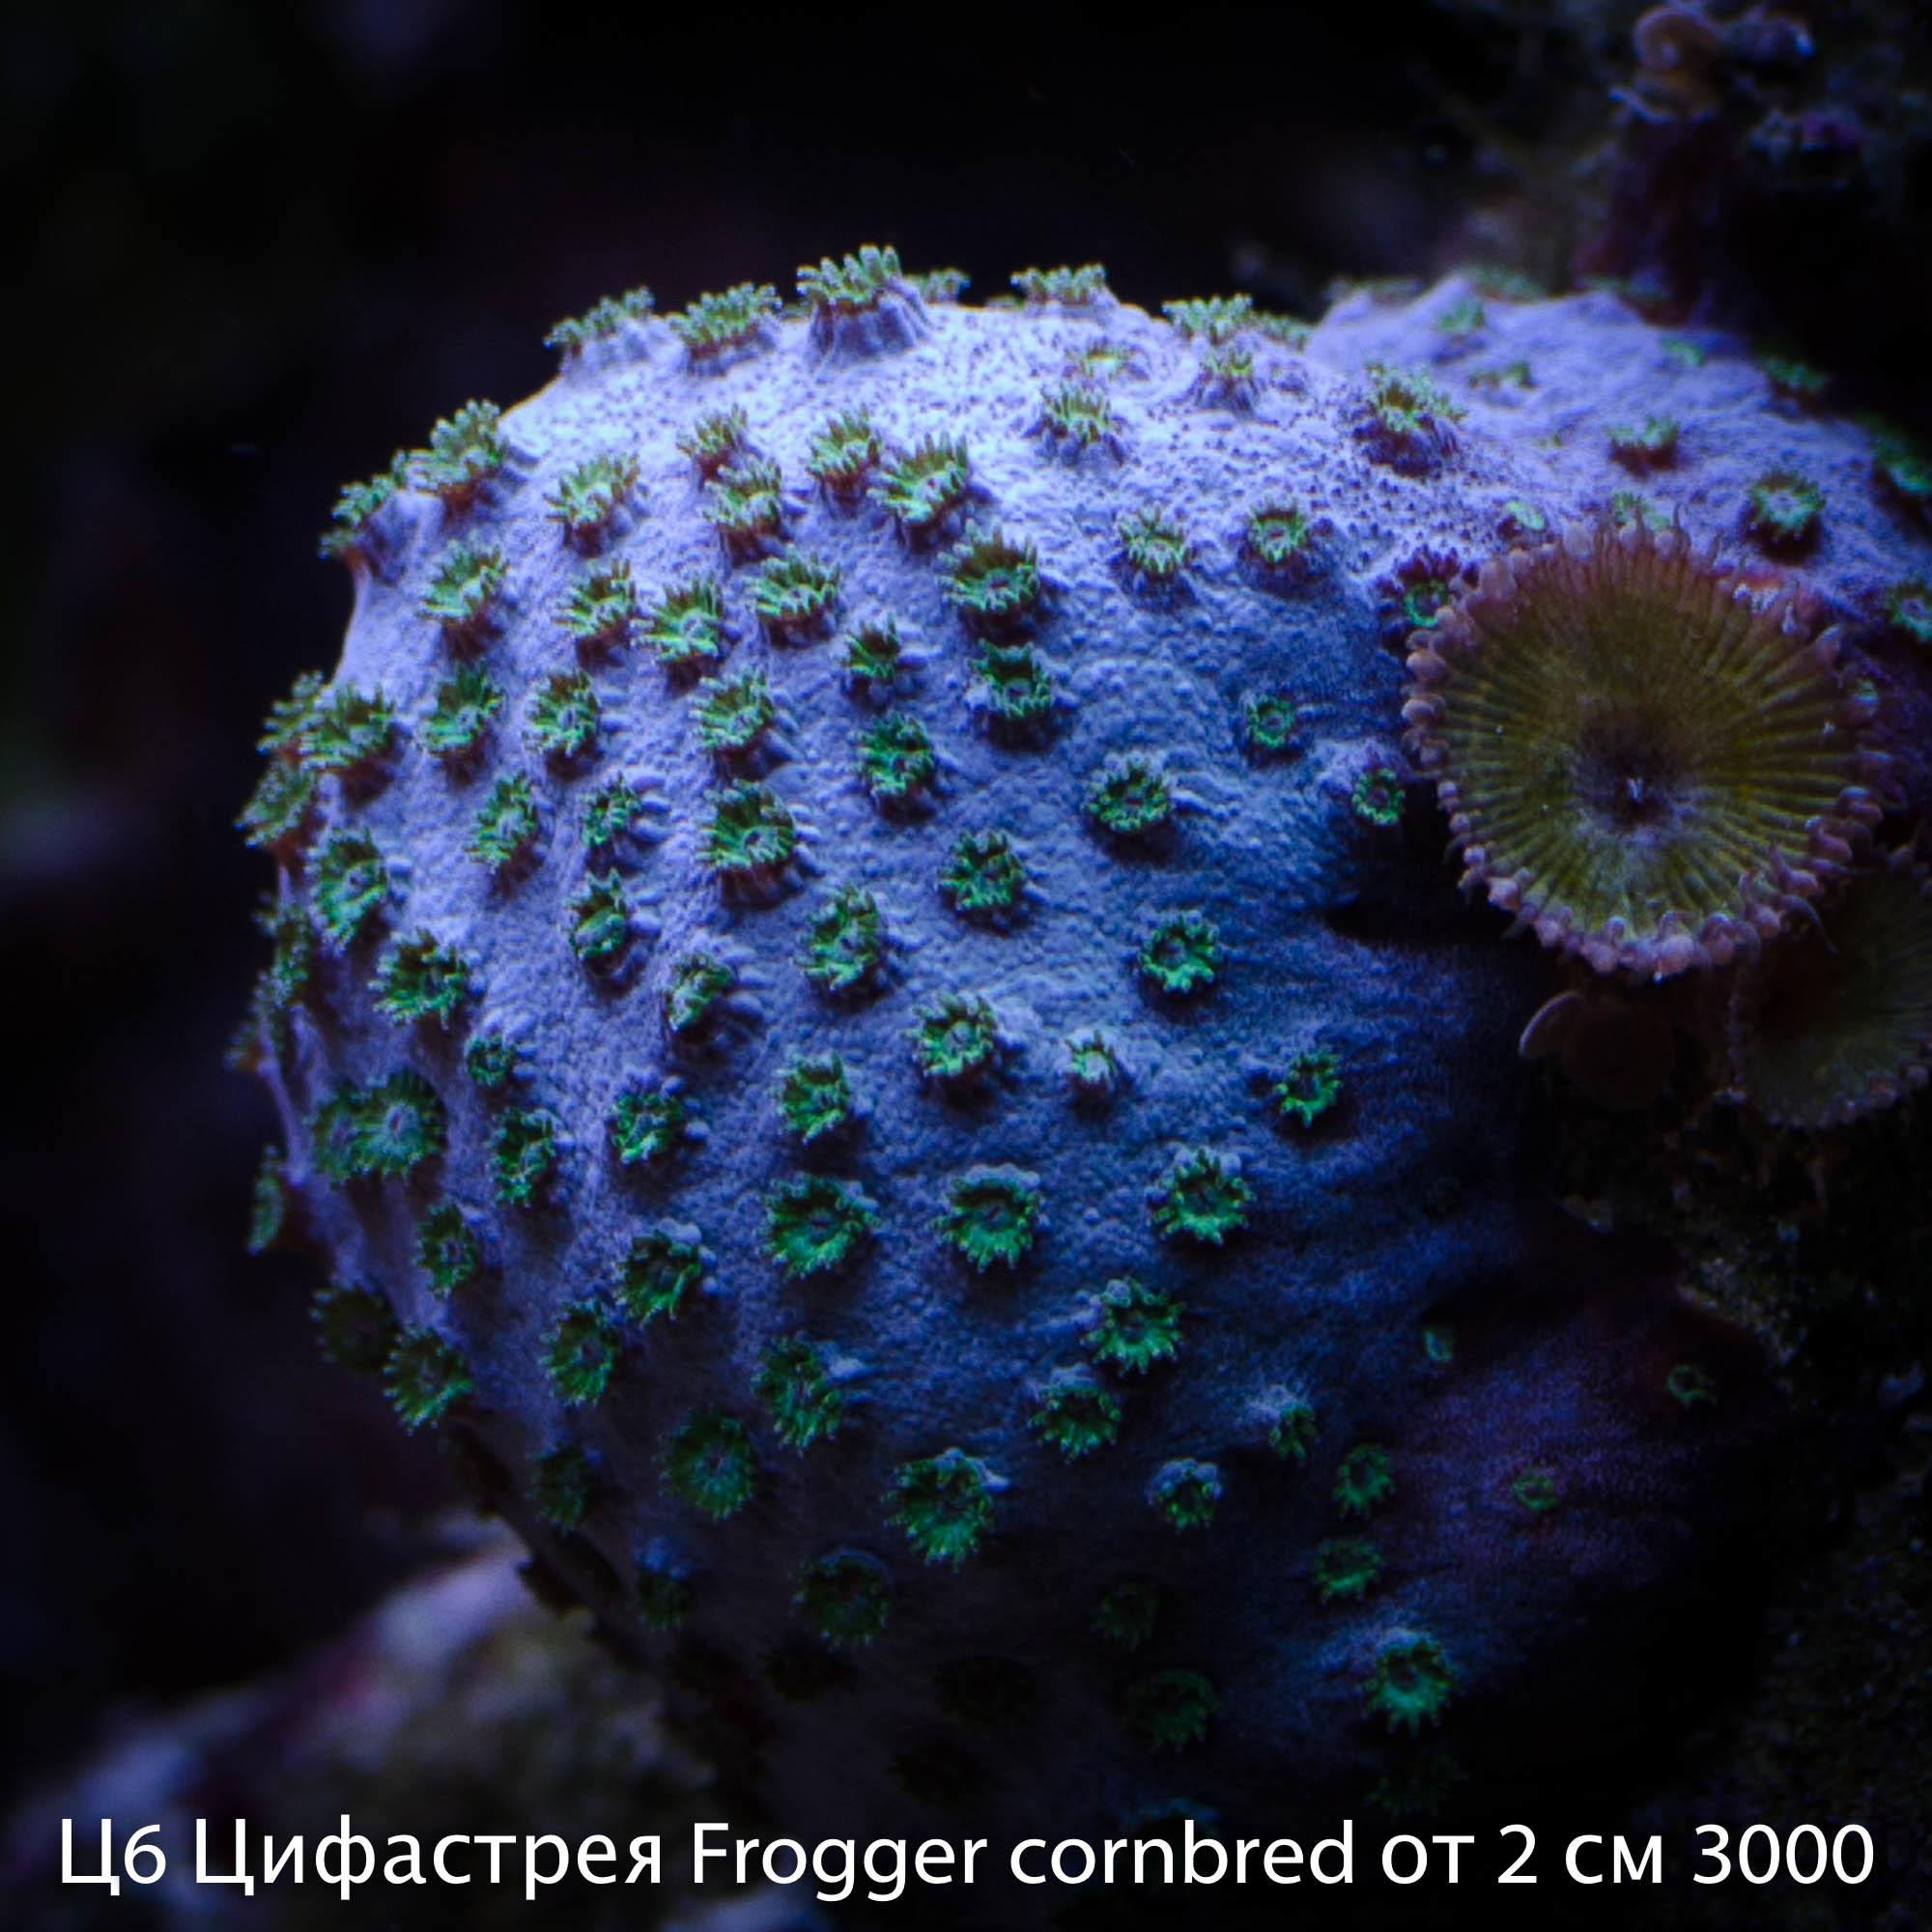 Ц6 Цифастрея Frogger cornbred от 2 см 3000